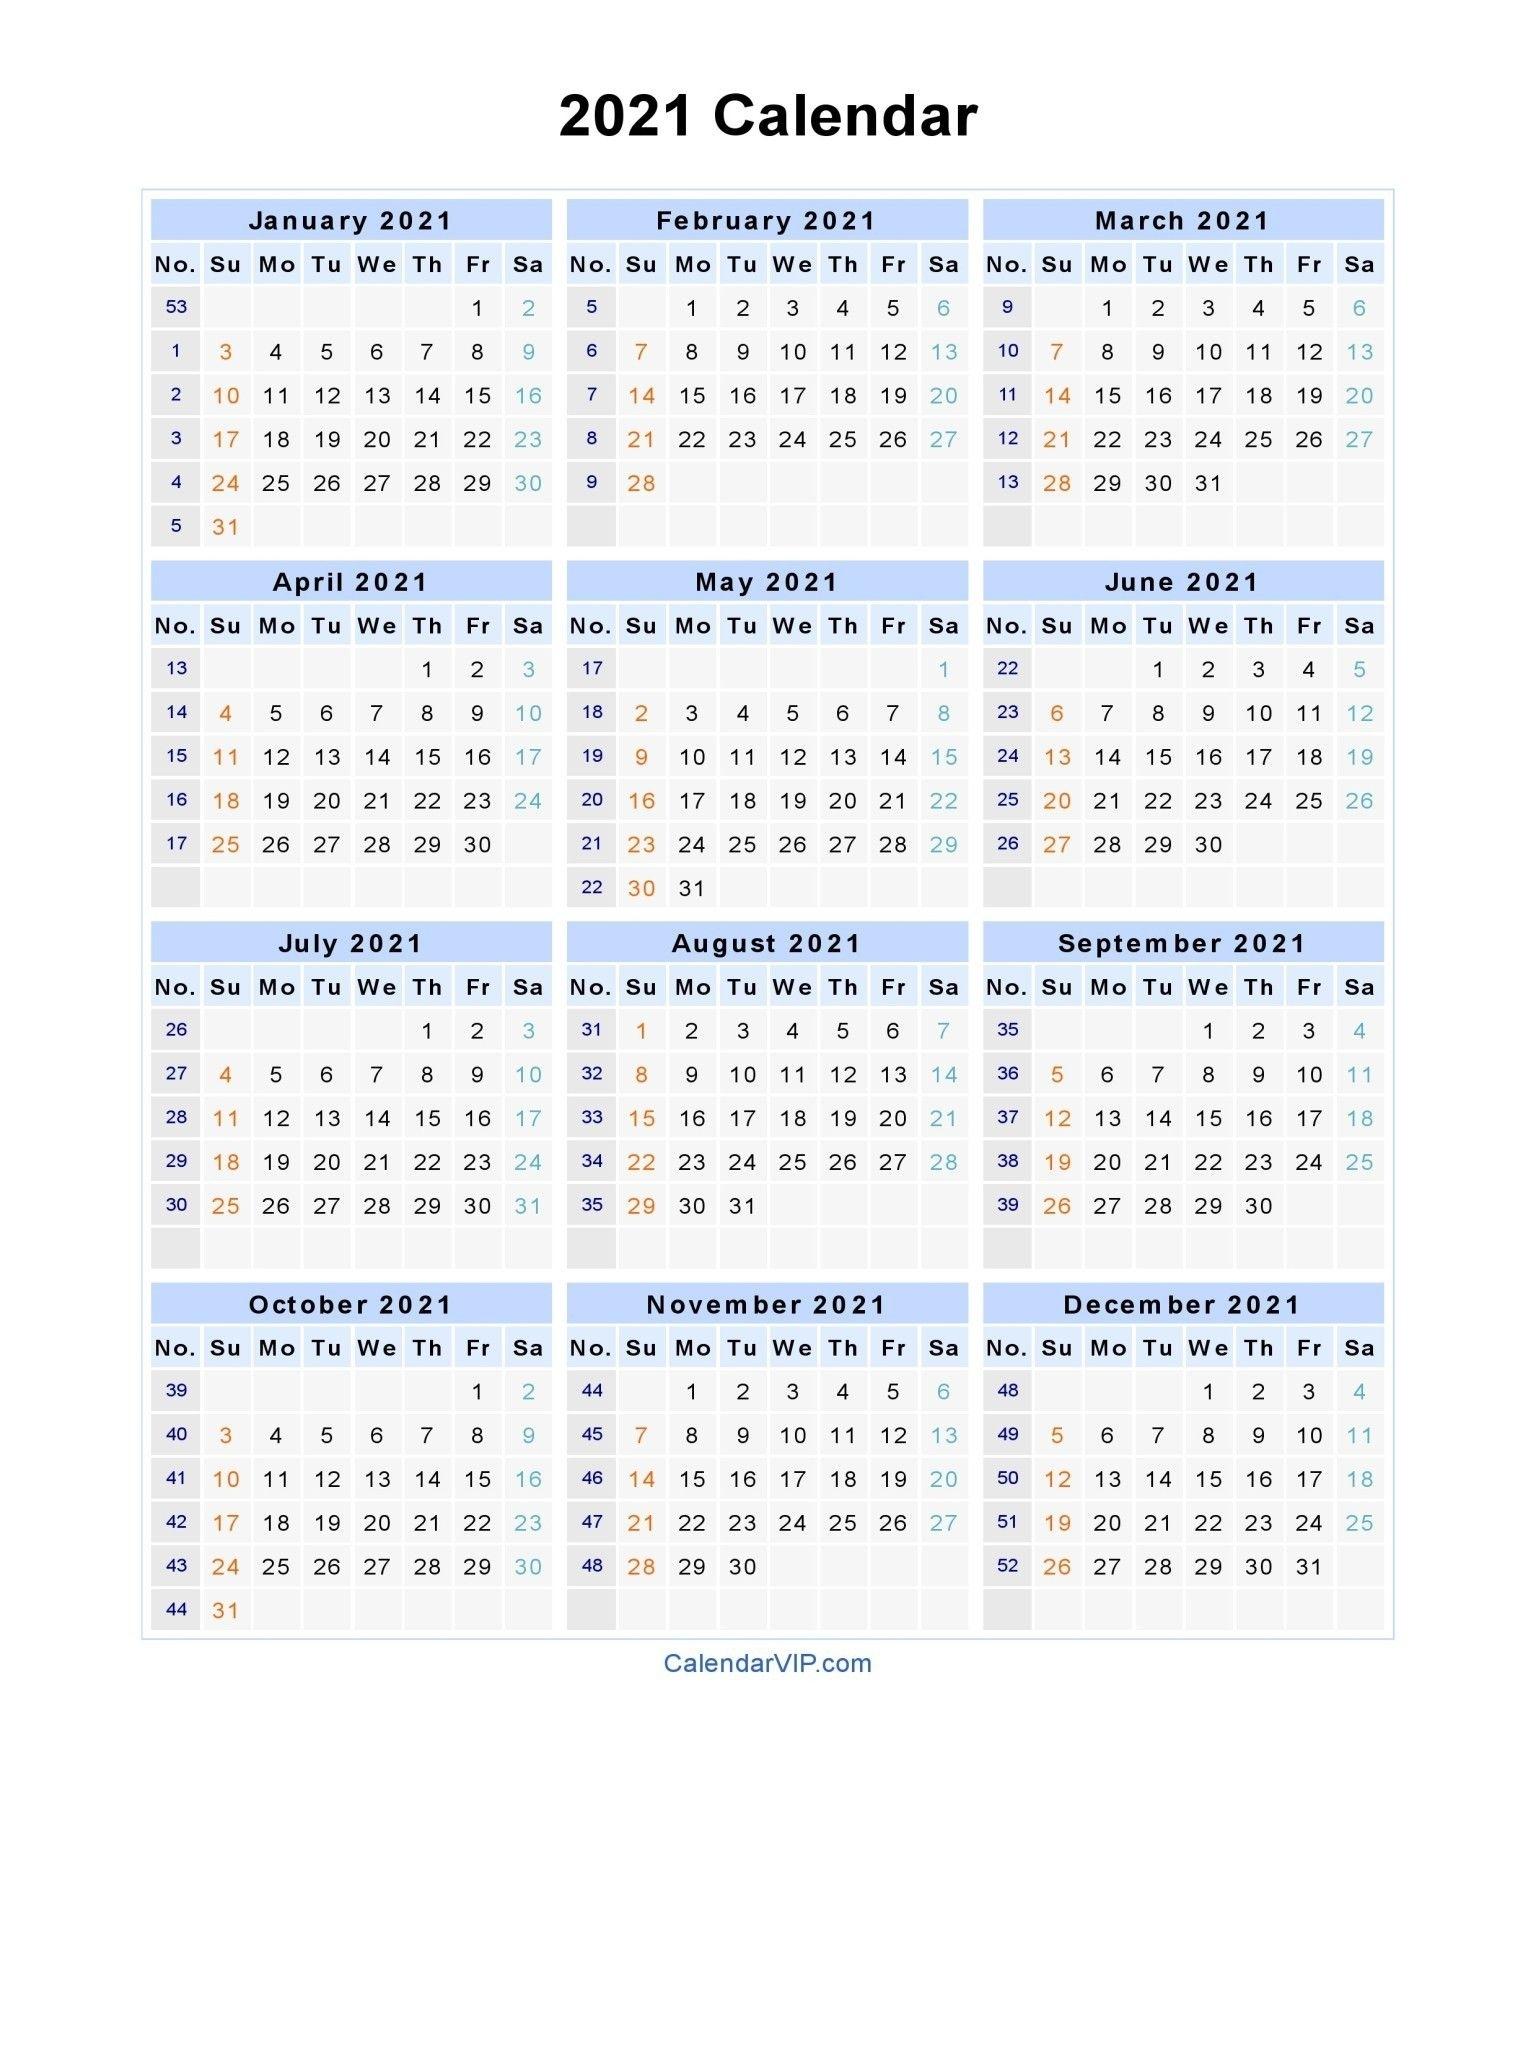 Get Week Numbers 2021 Financial Year